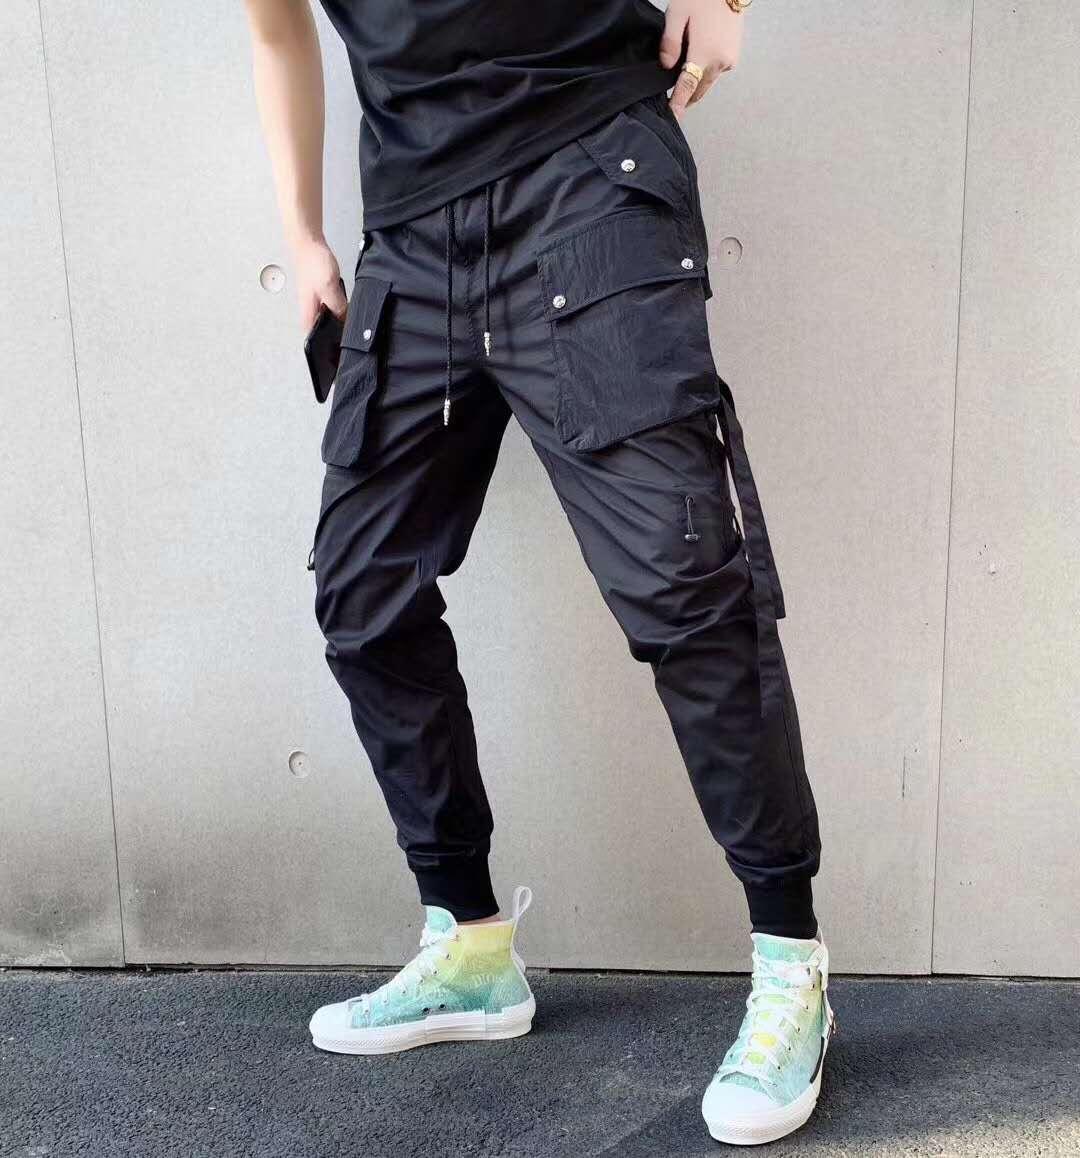 pantaloni cargo nuovo modo Tooling pantaloni lunghi harem delle donne degli uomini hip-hop pantaloni sportivi solido del progettista nero multi-tasca dei pantaloni casuali